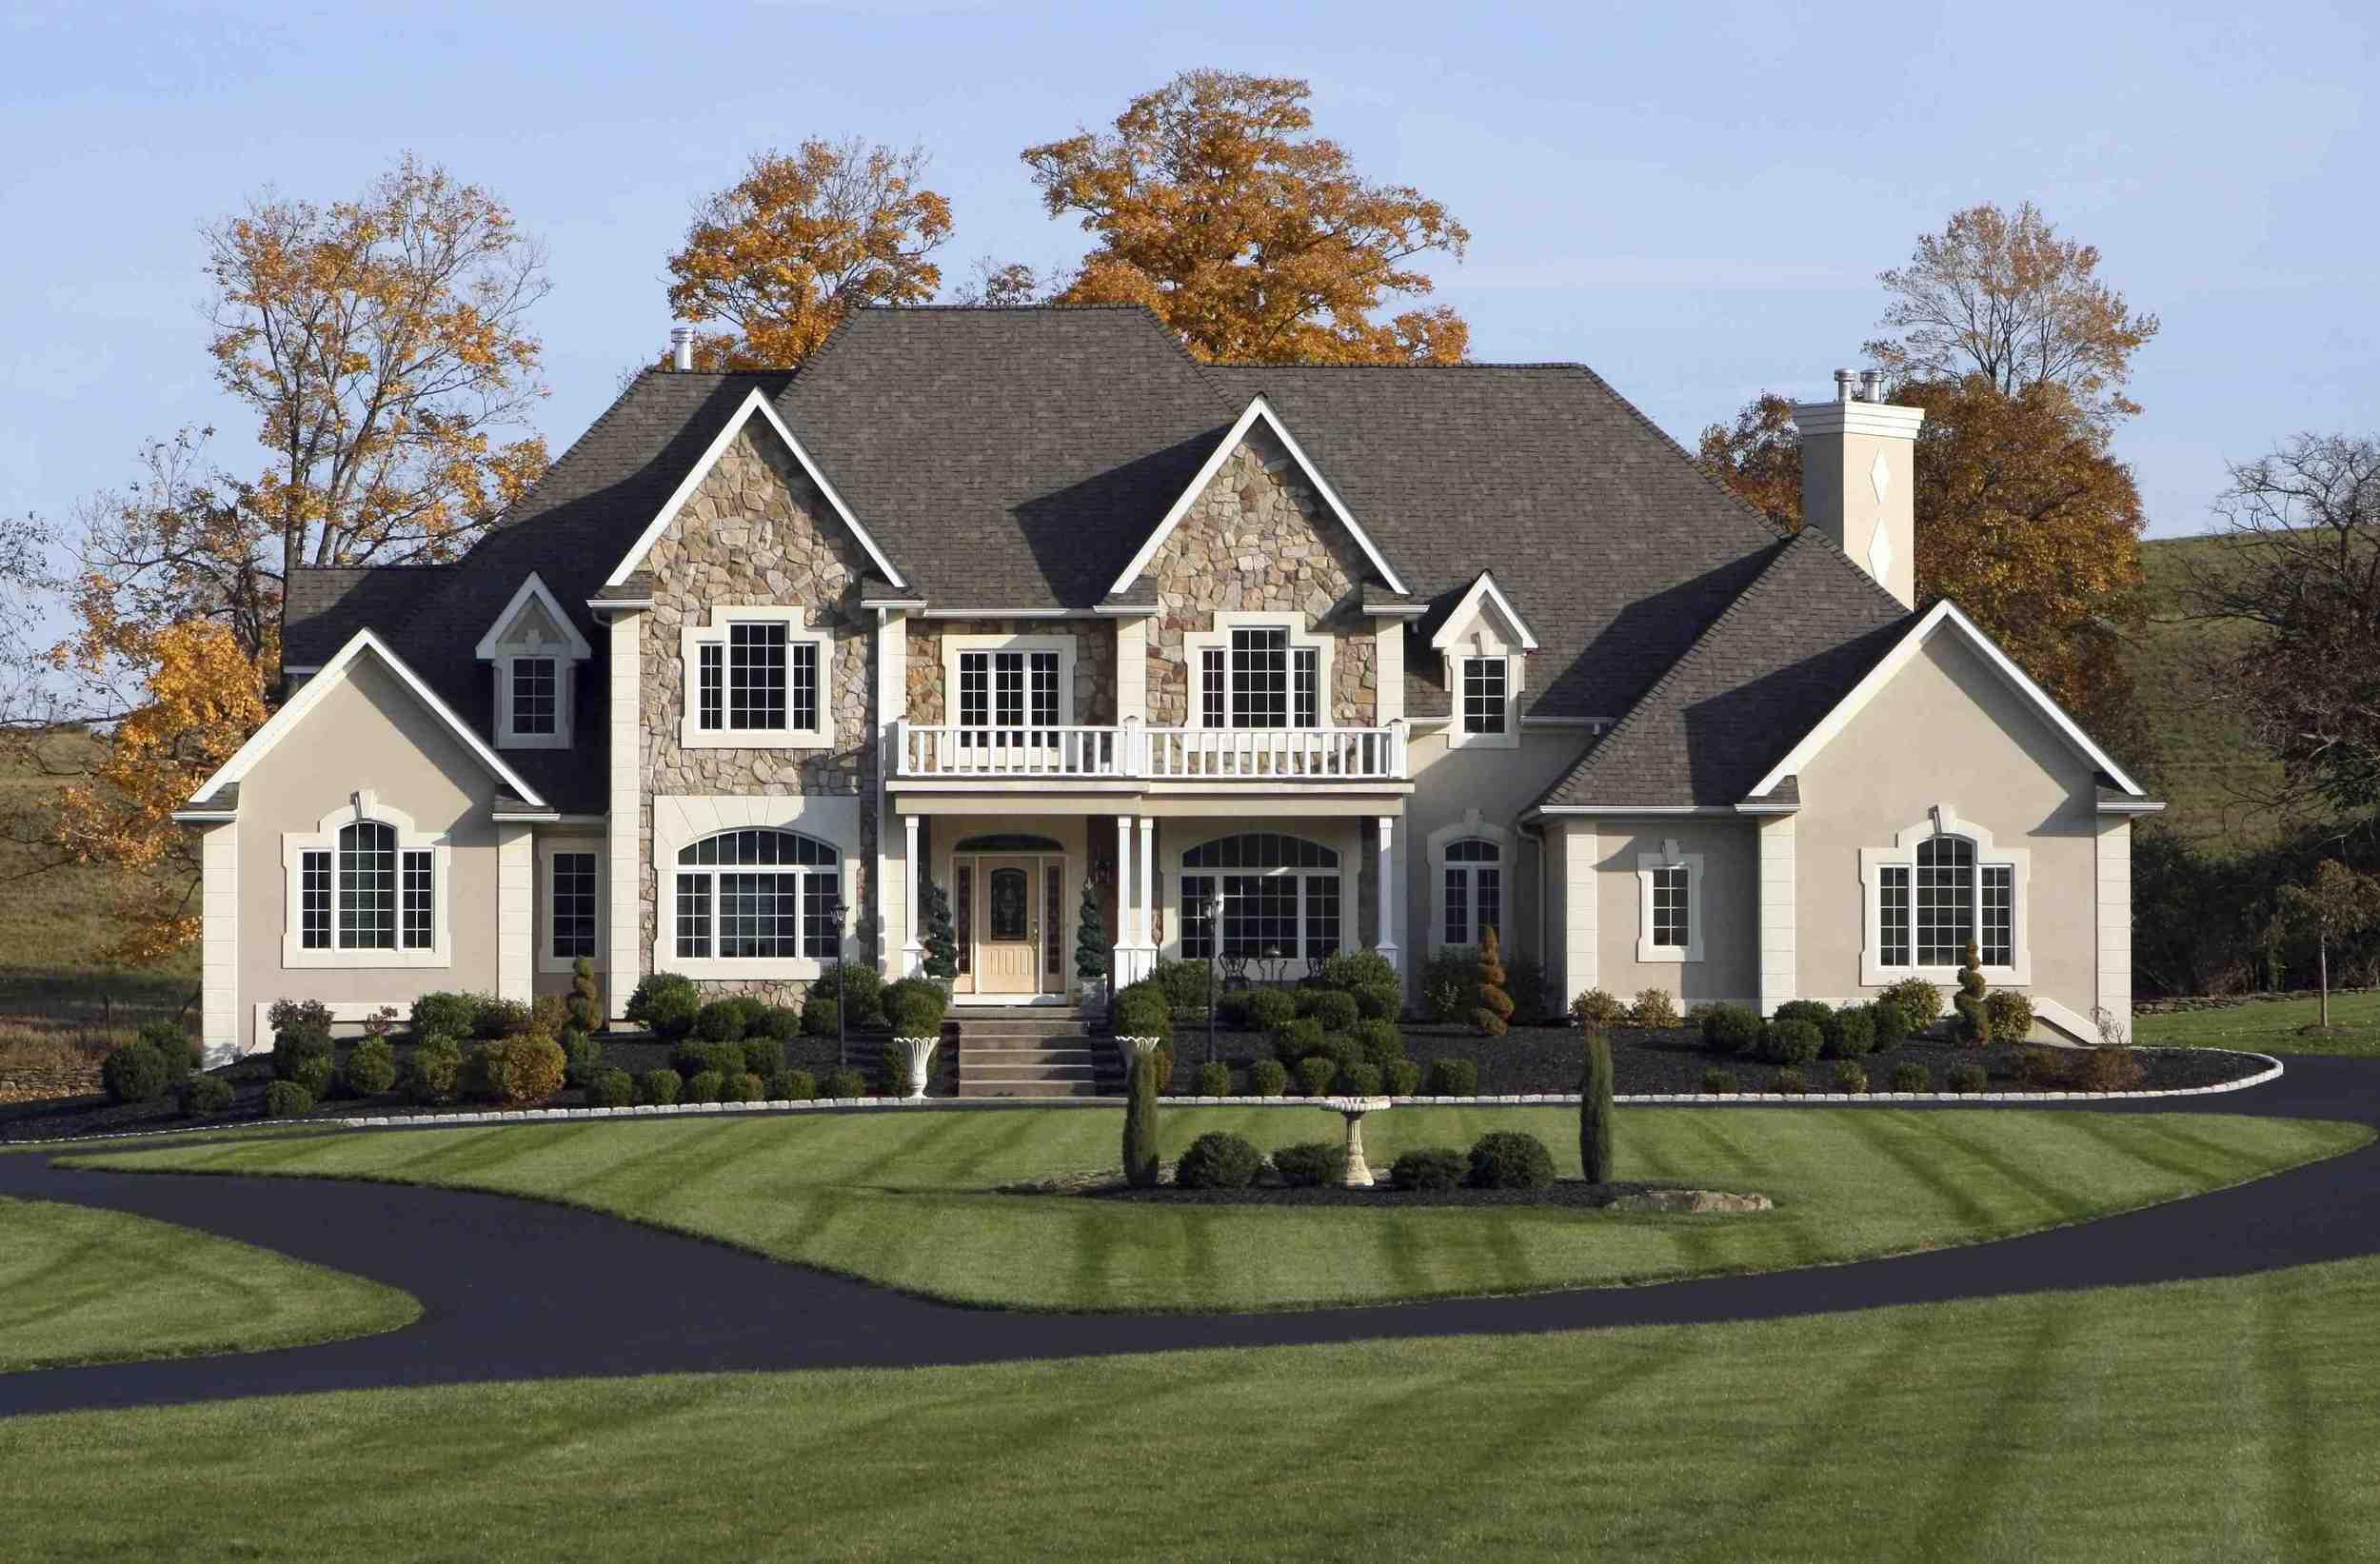 cool-big-pretty-houses-image-in-hd-.jpg